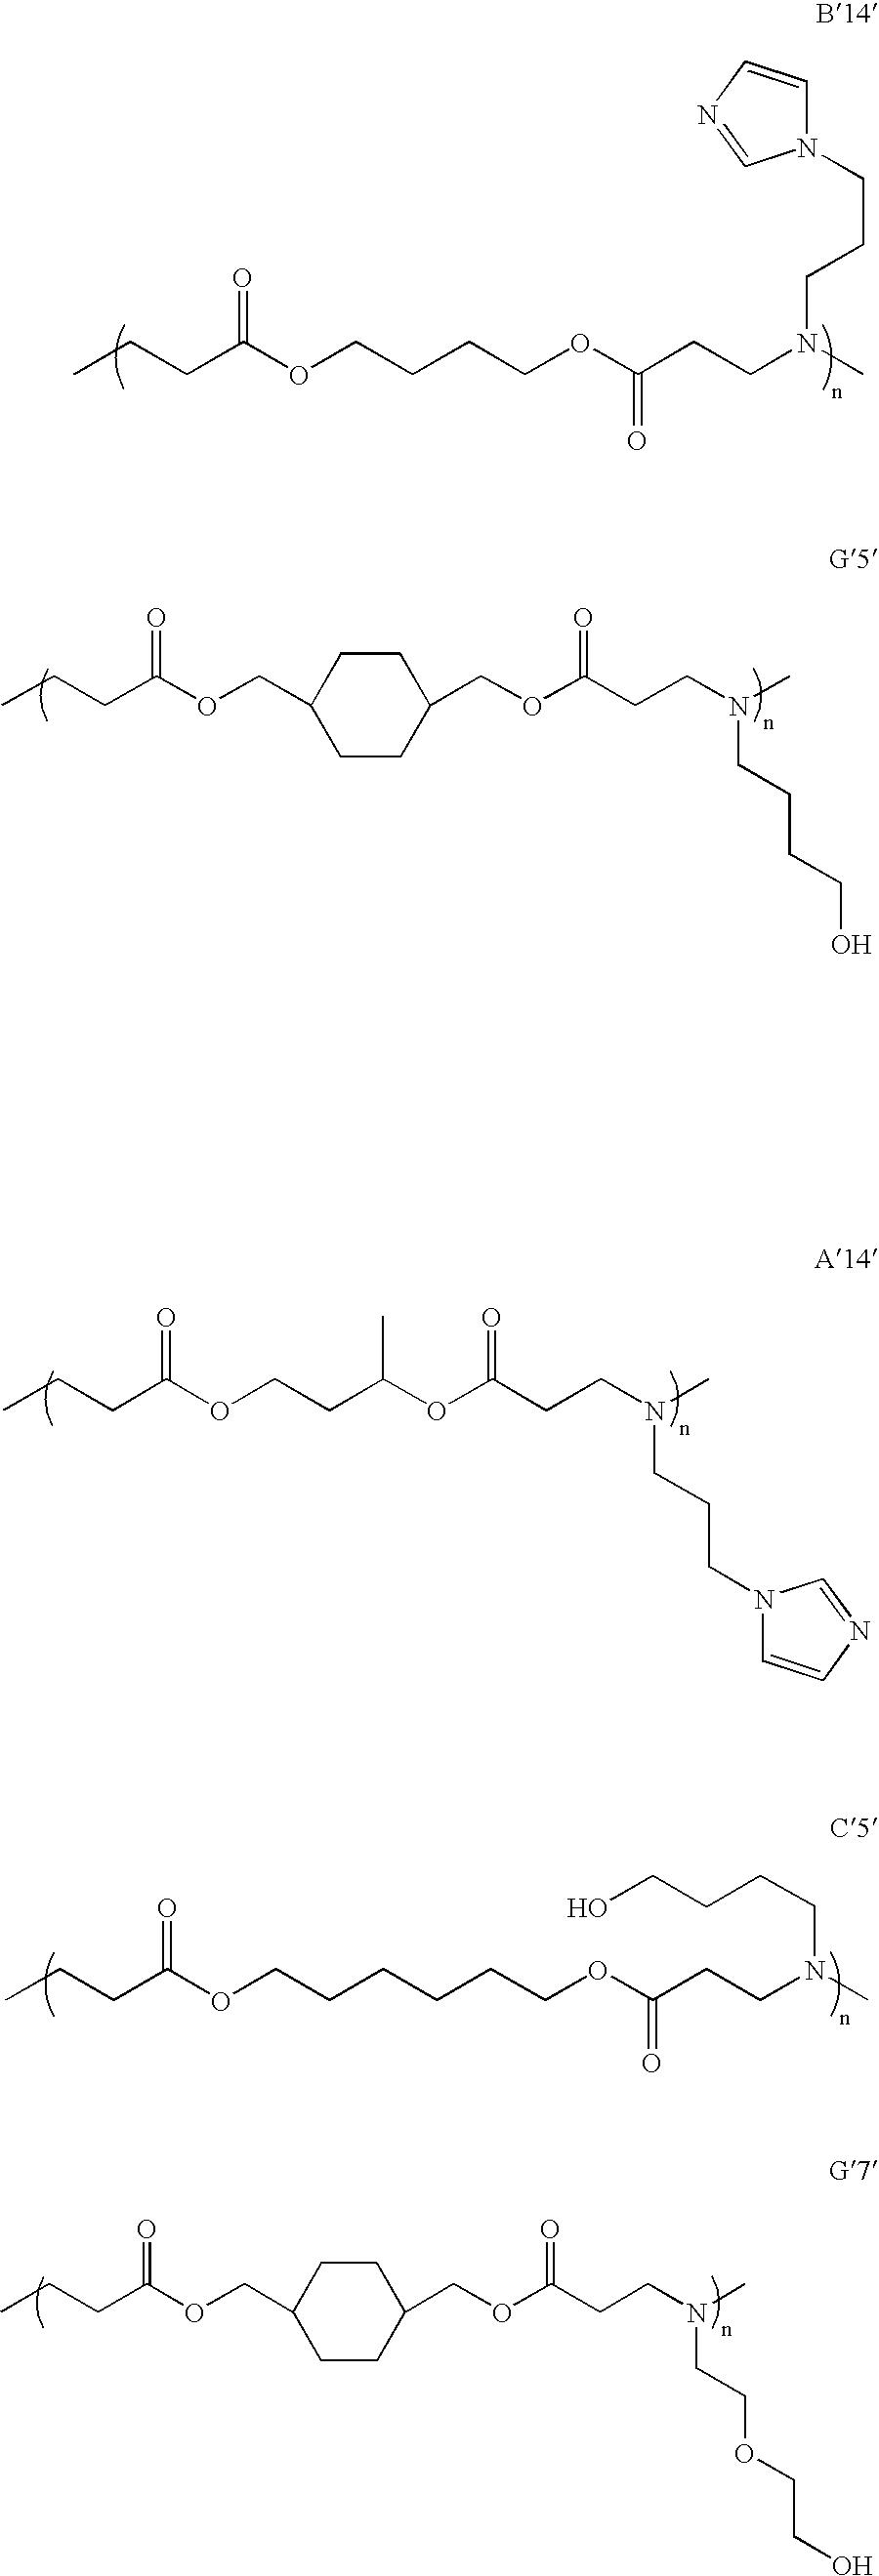 Figure US20050244504A1-20051103-C00026